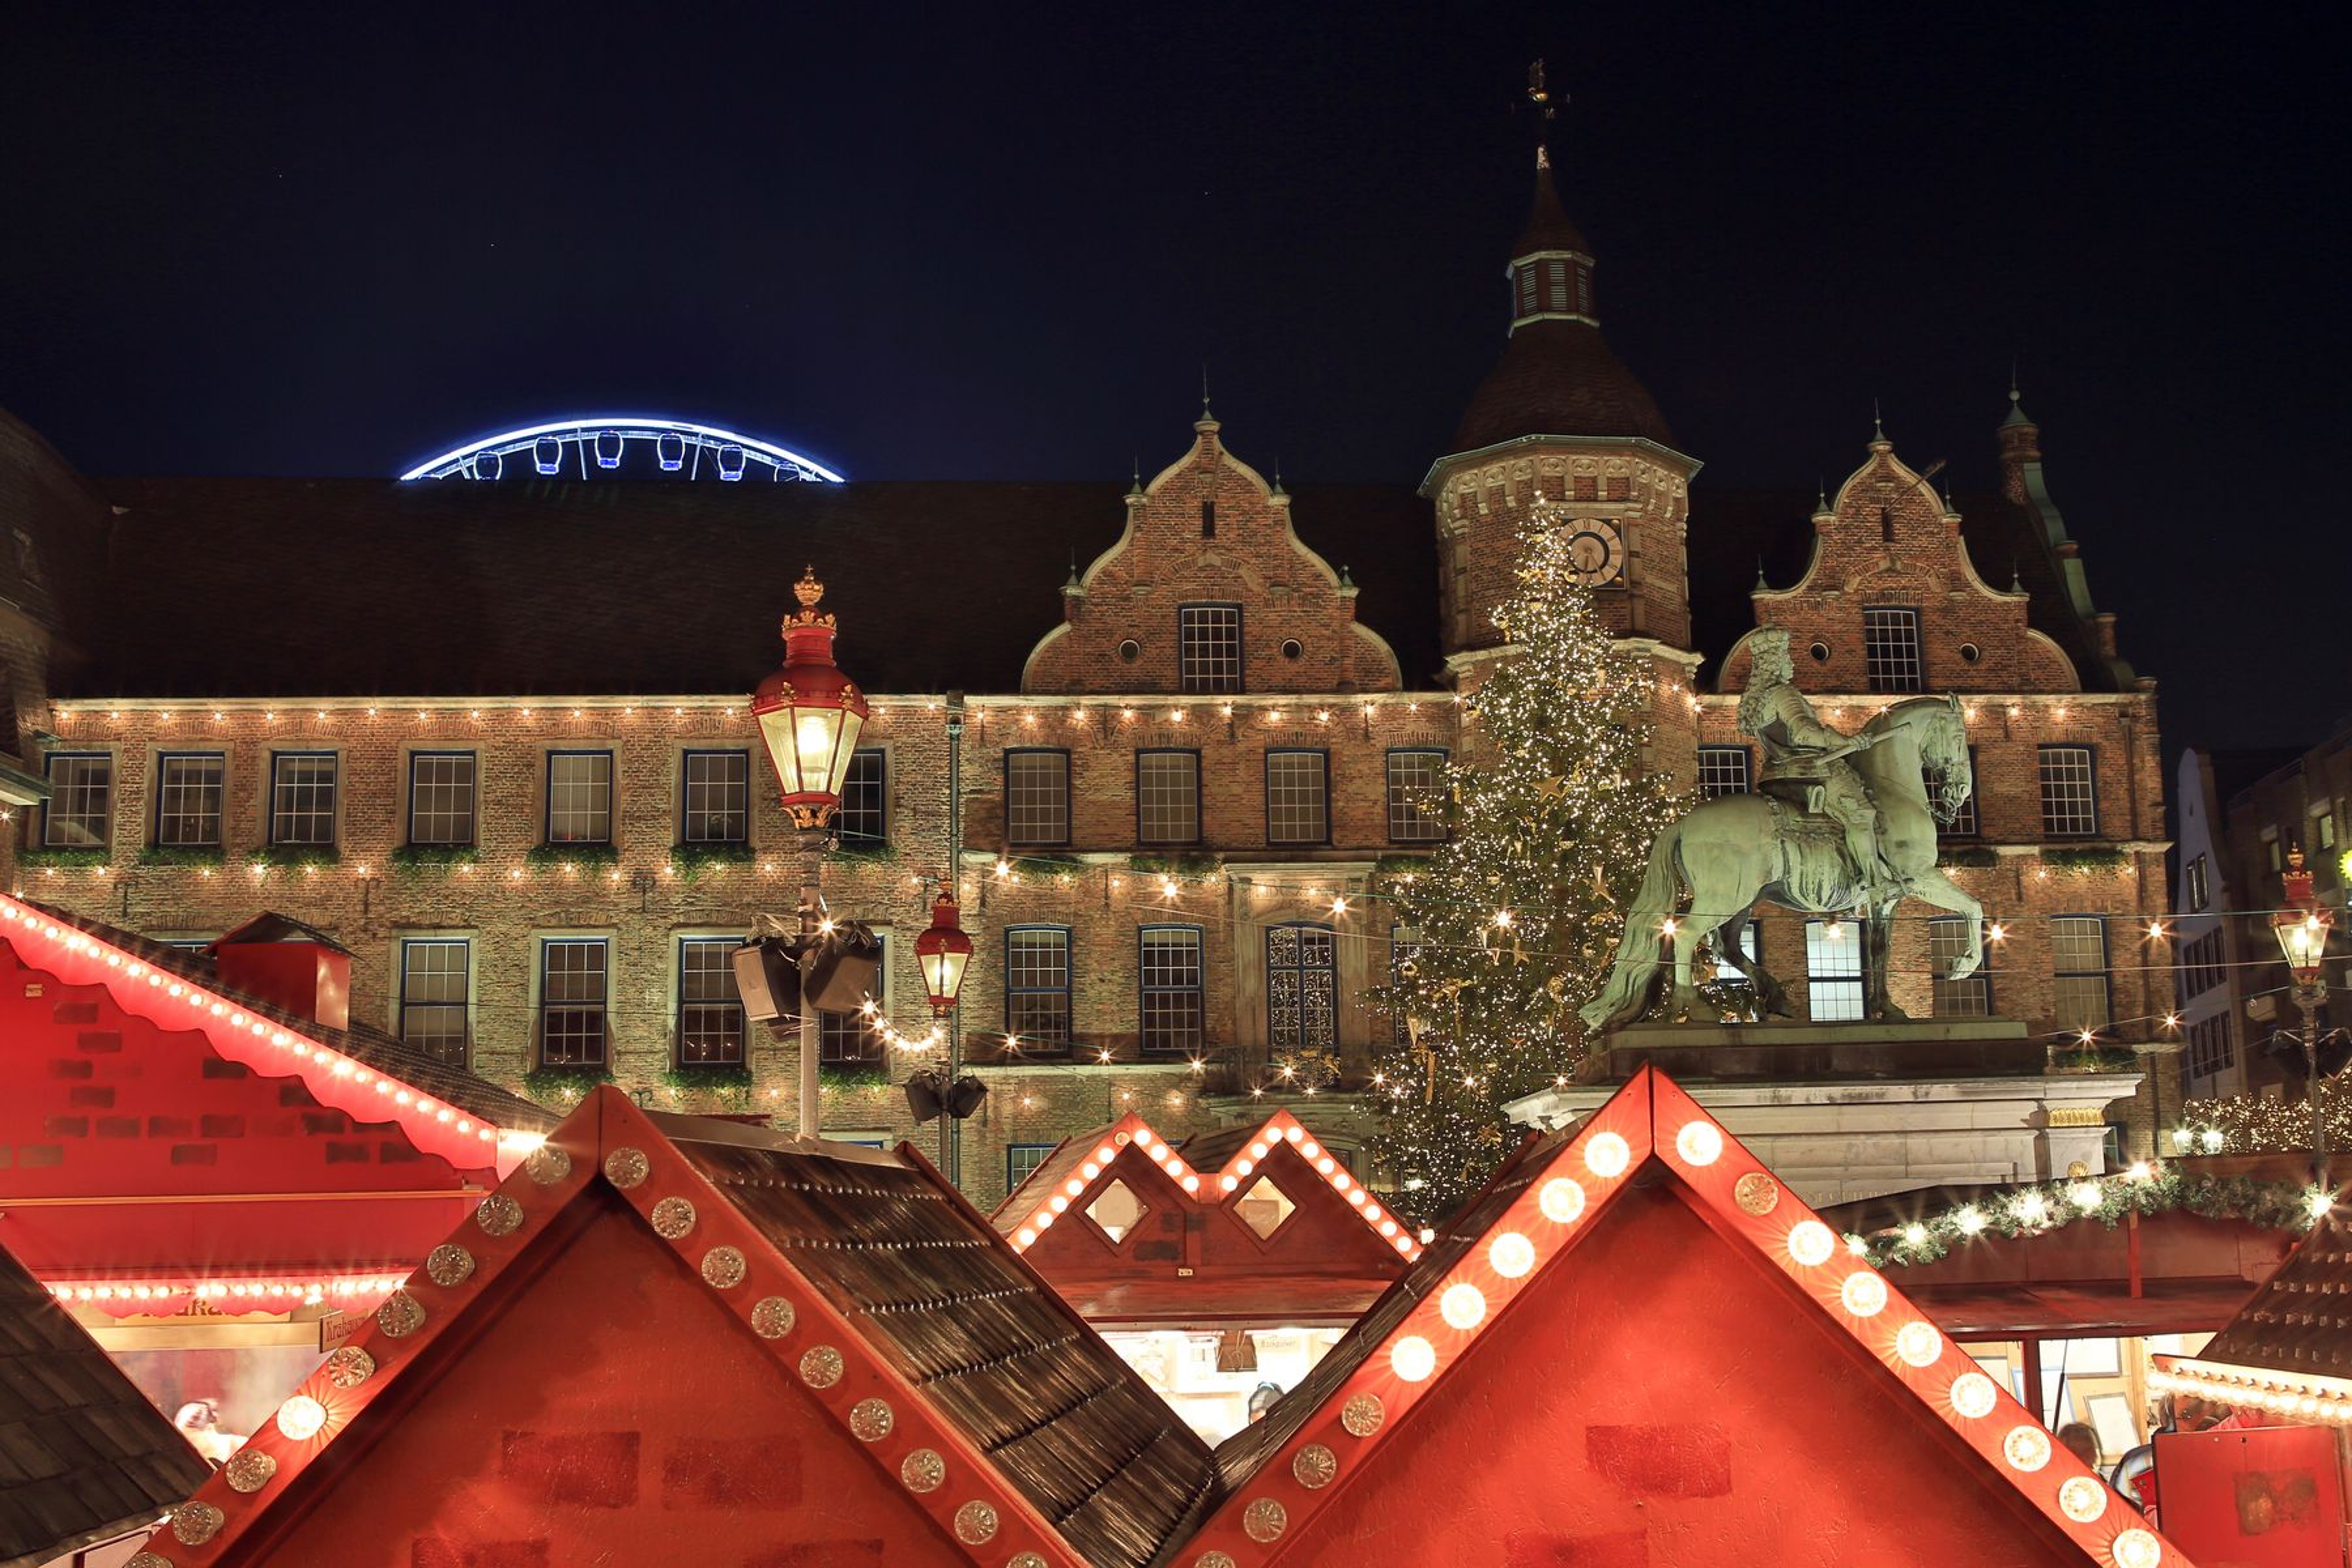 Что посмотреть в Дюссельдорфе за 1 день самостоятельно с детьми зимой Куда сходить обязательно маршруты для туриста